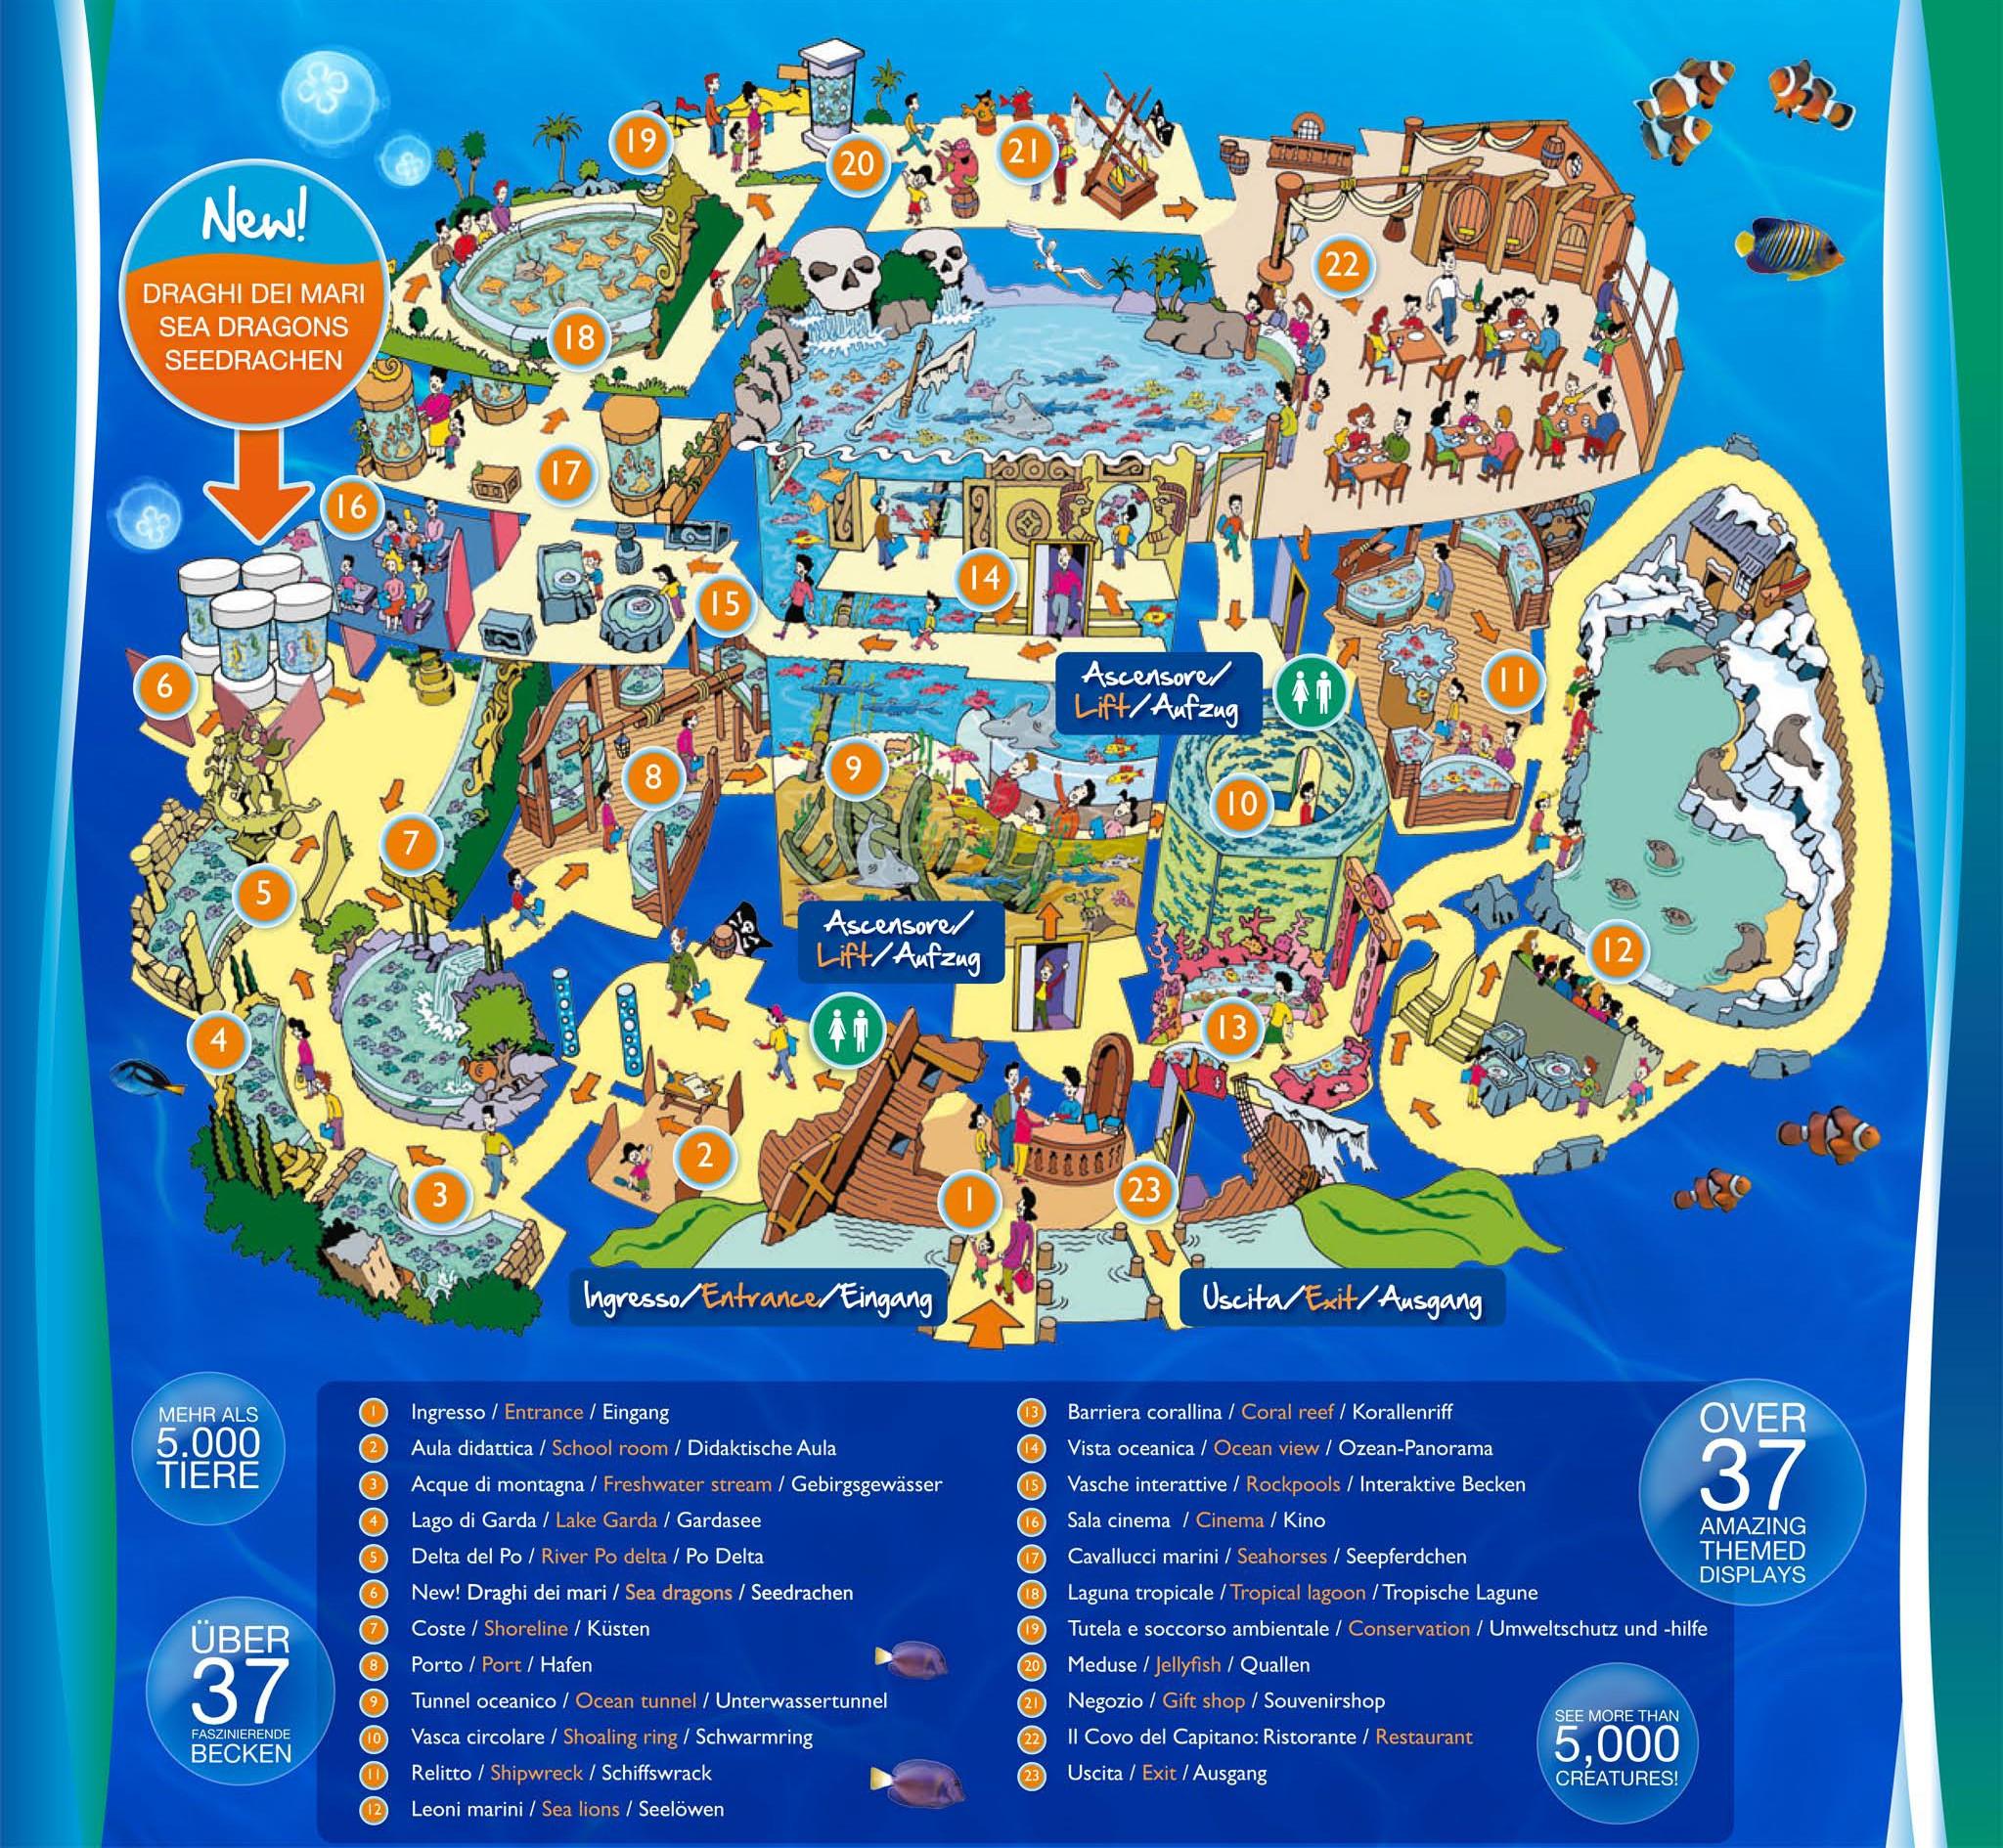 Startseite > Zoos > Italien > Gardaland SEA LIFE > Parkmap 2012